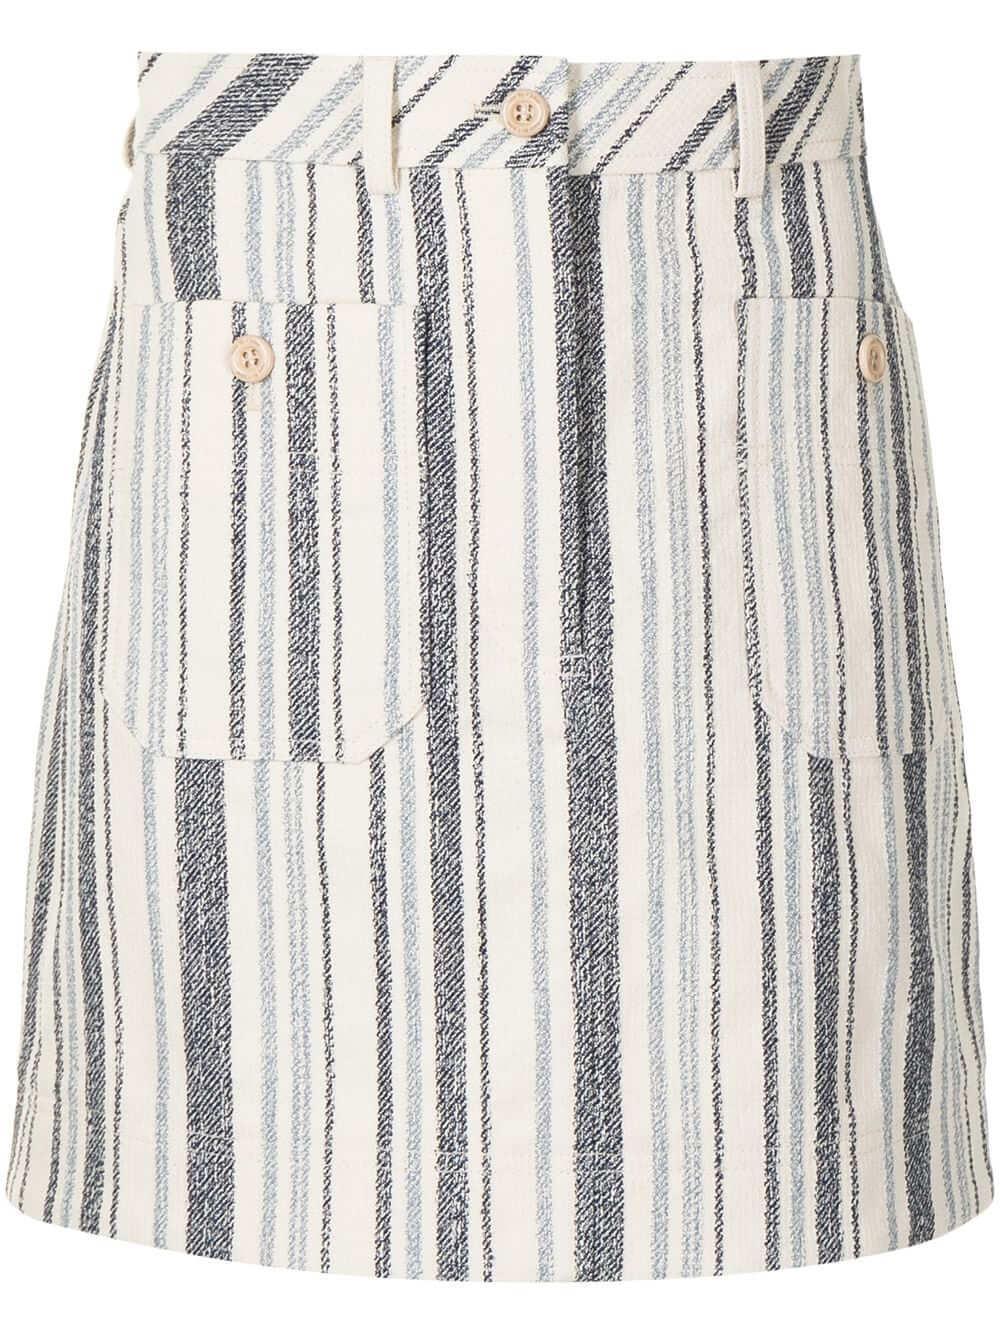 Striped Mini Skirt Item # CHS21UJU04032